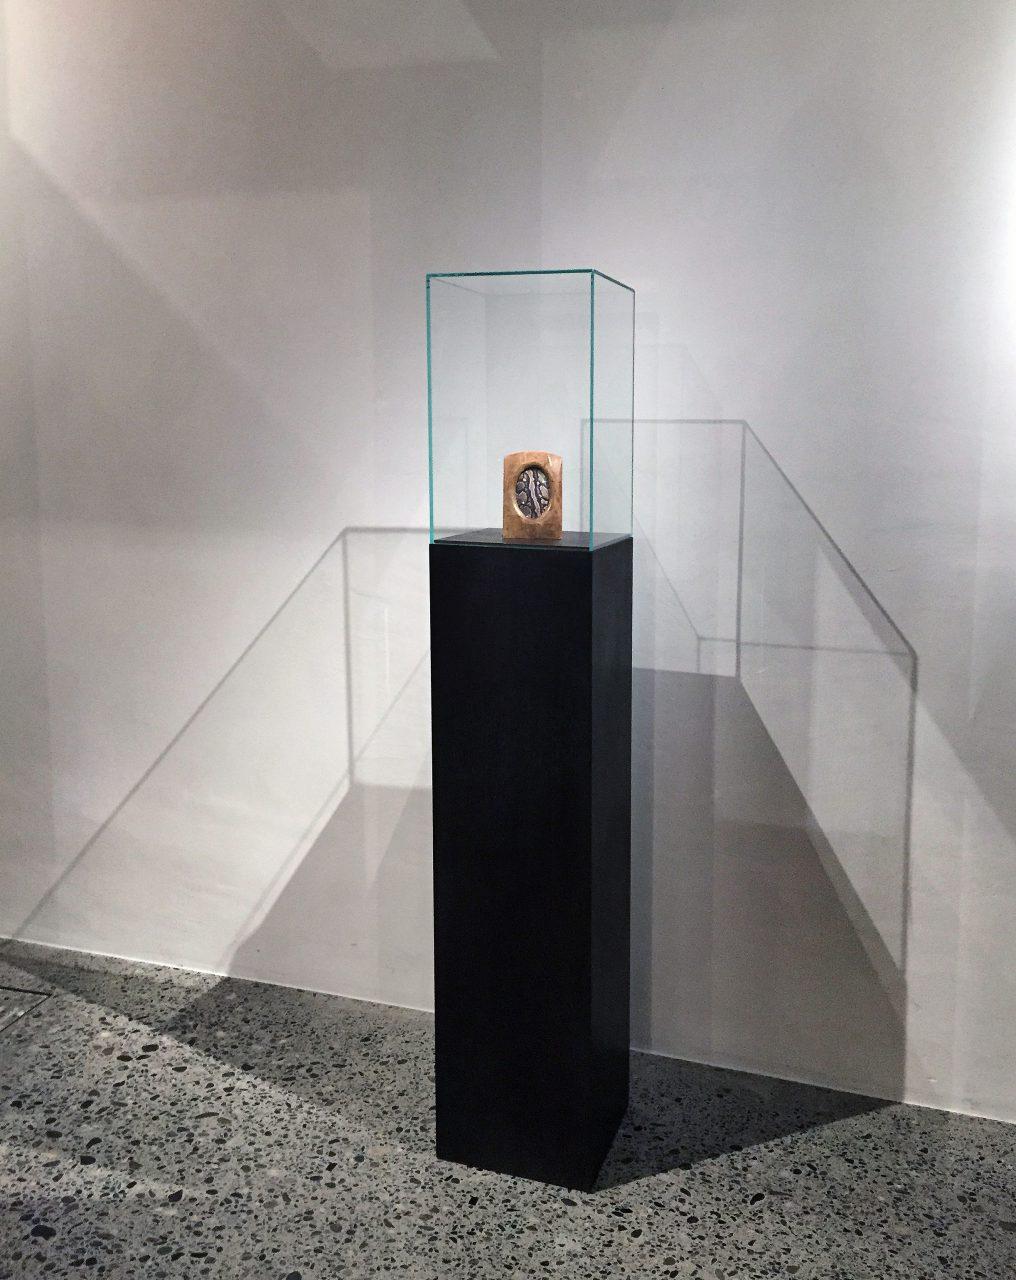 installation landesmuseum liechtenstein